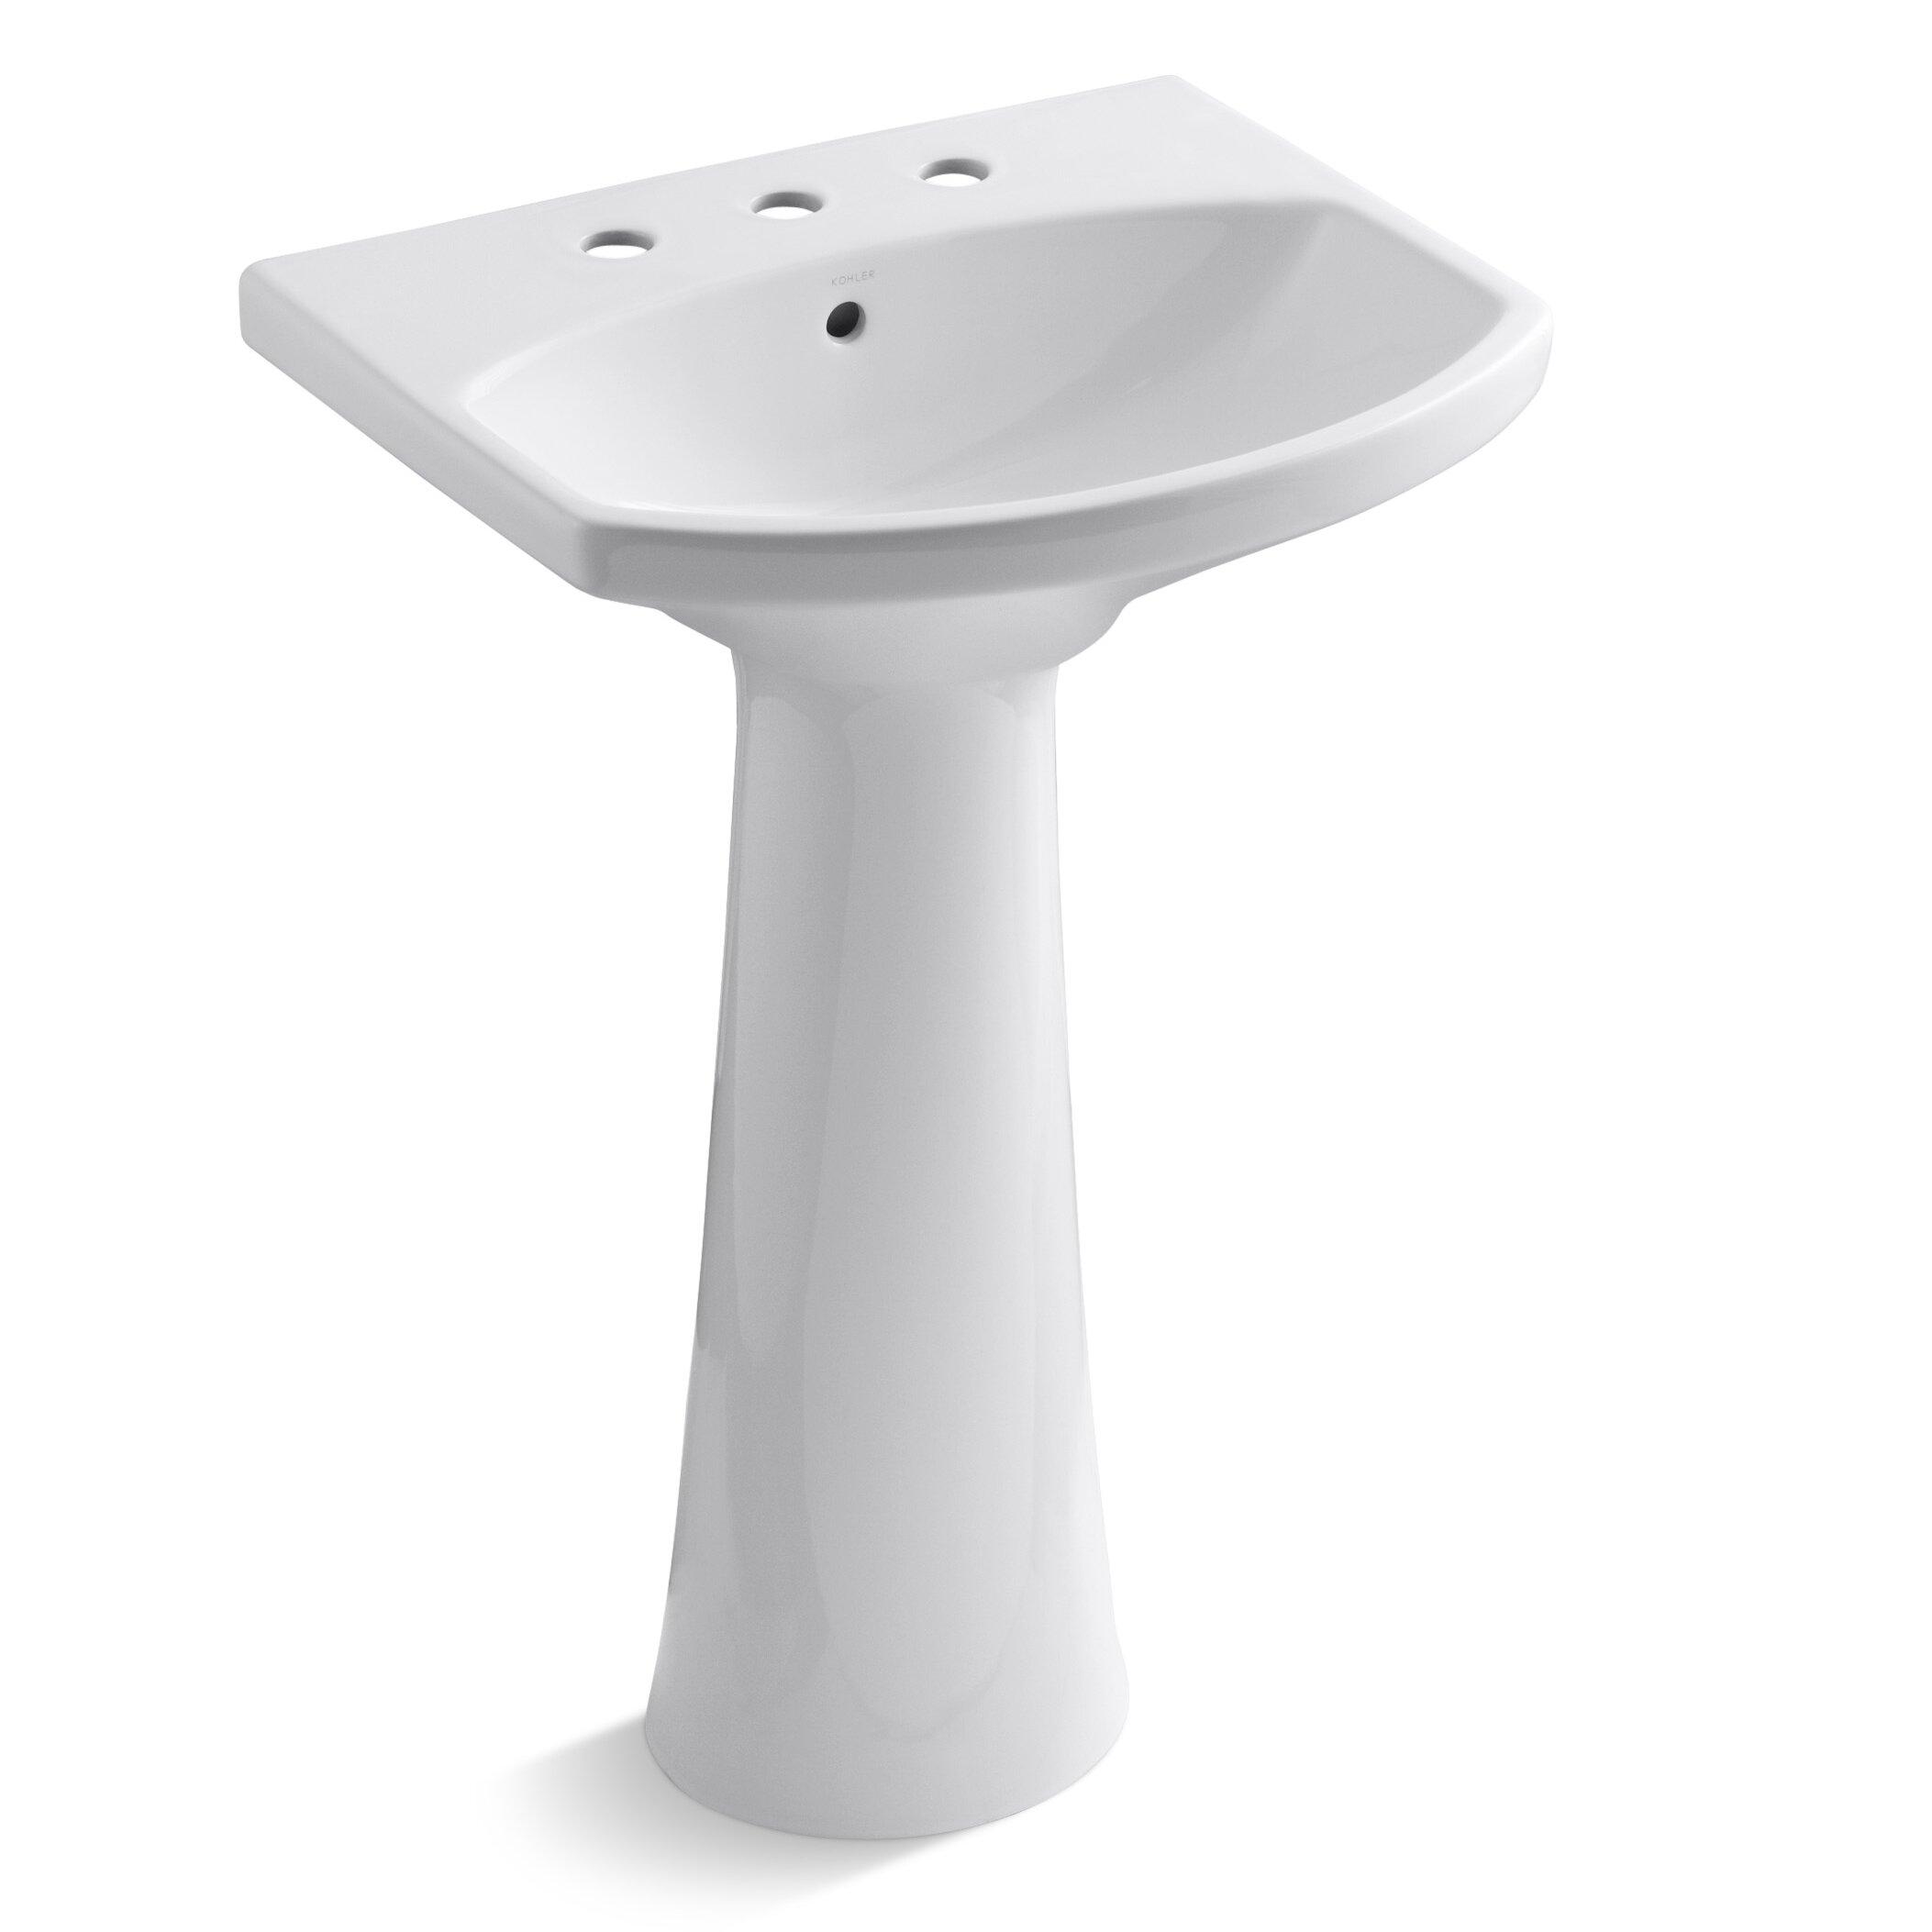 Pedestal Sink Cost : ... ... Pedestal Bathroom Sinks Kohler Part #: K-2362-8 SKU: KOH18191